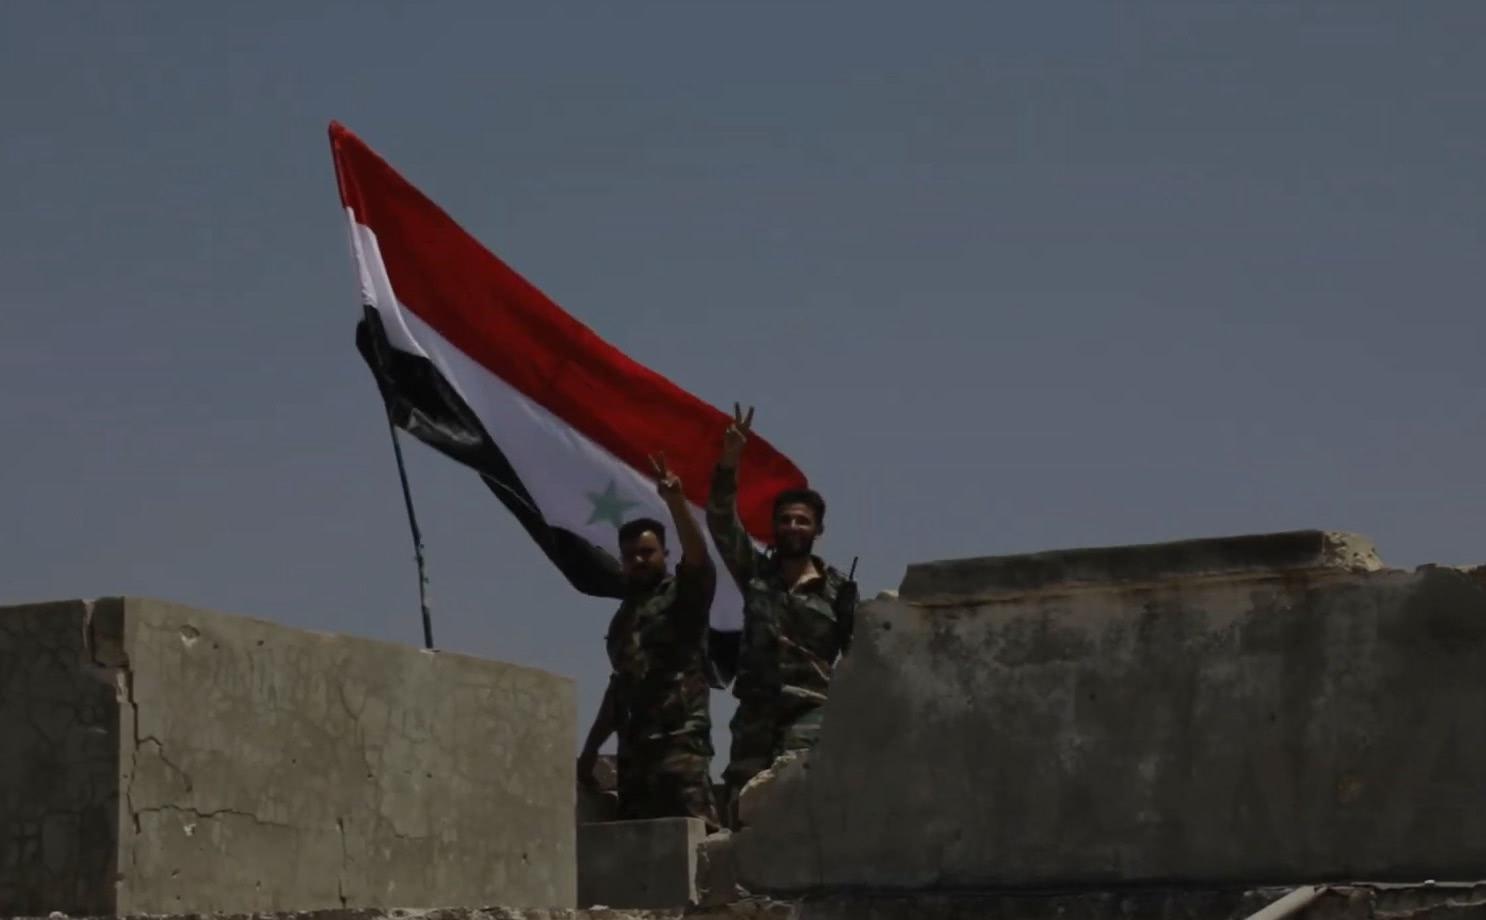 俄罗斯出手,叙利亚政府军连战连捷,恐怖分子纷纷逃亡土耳其